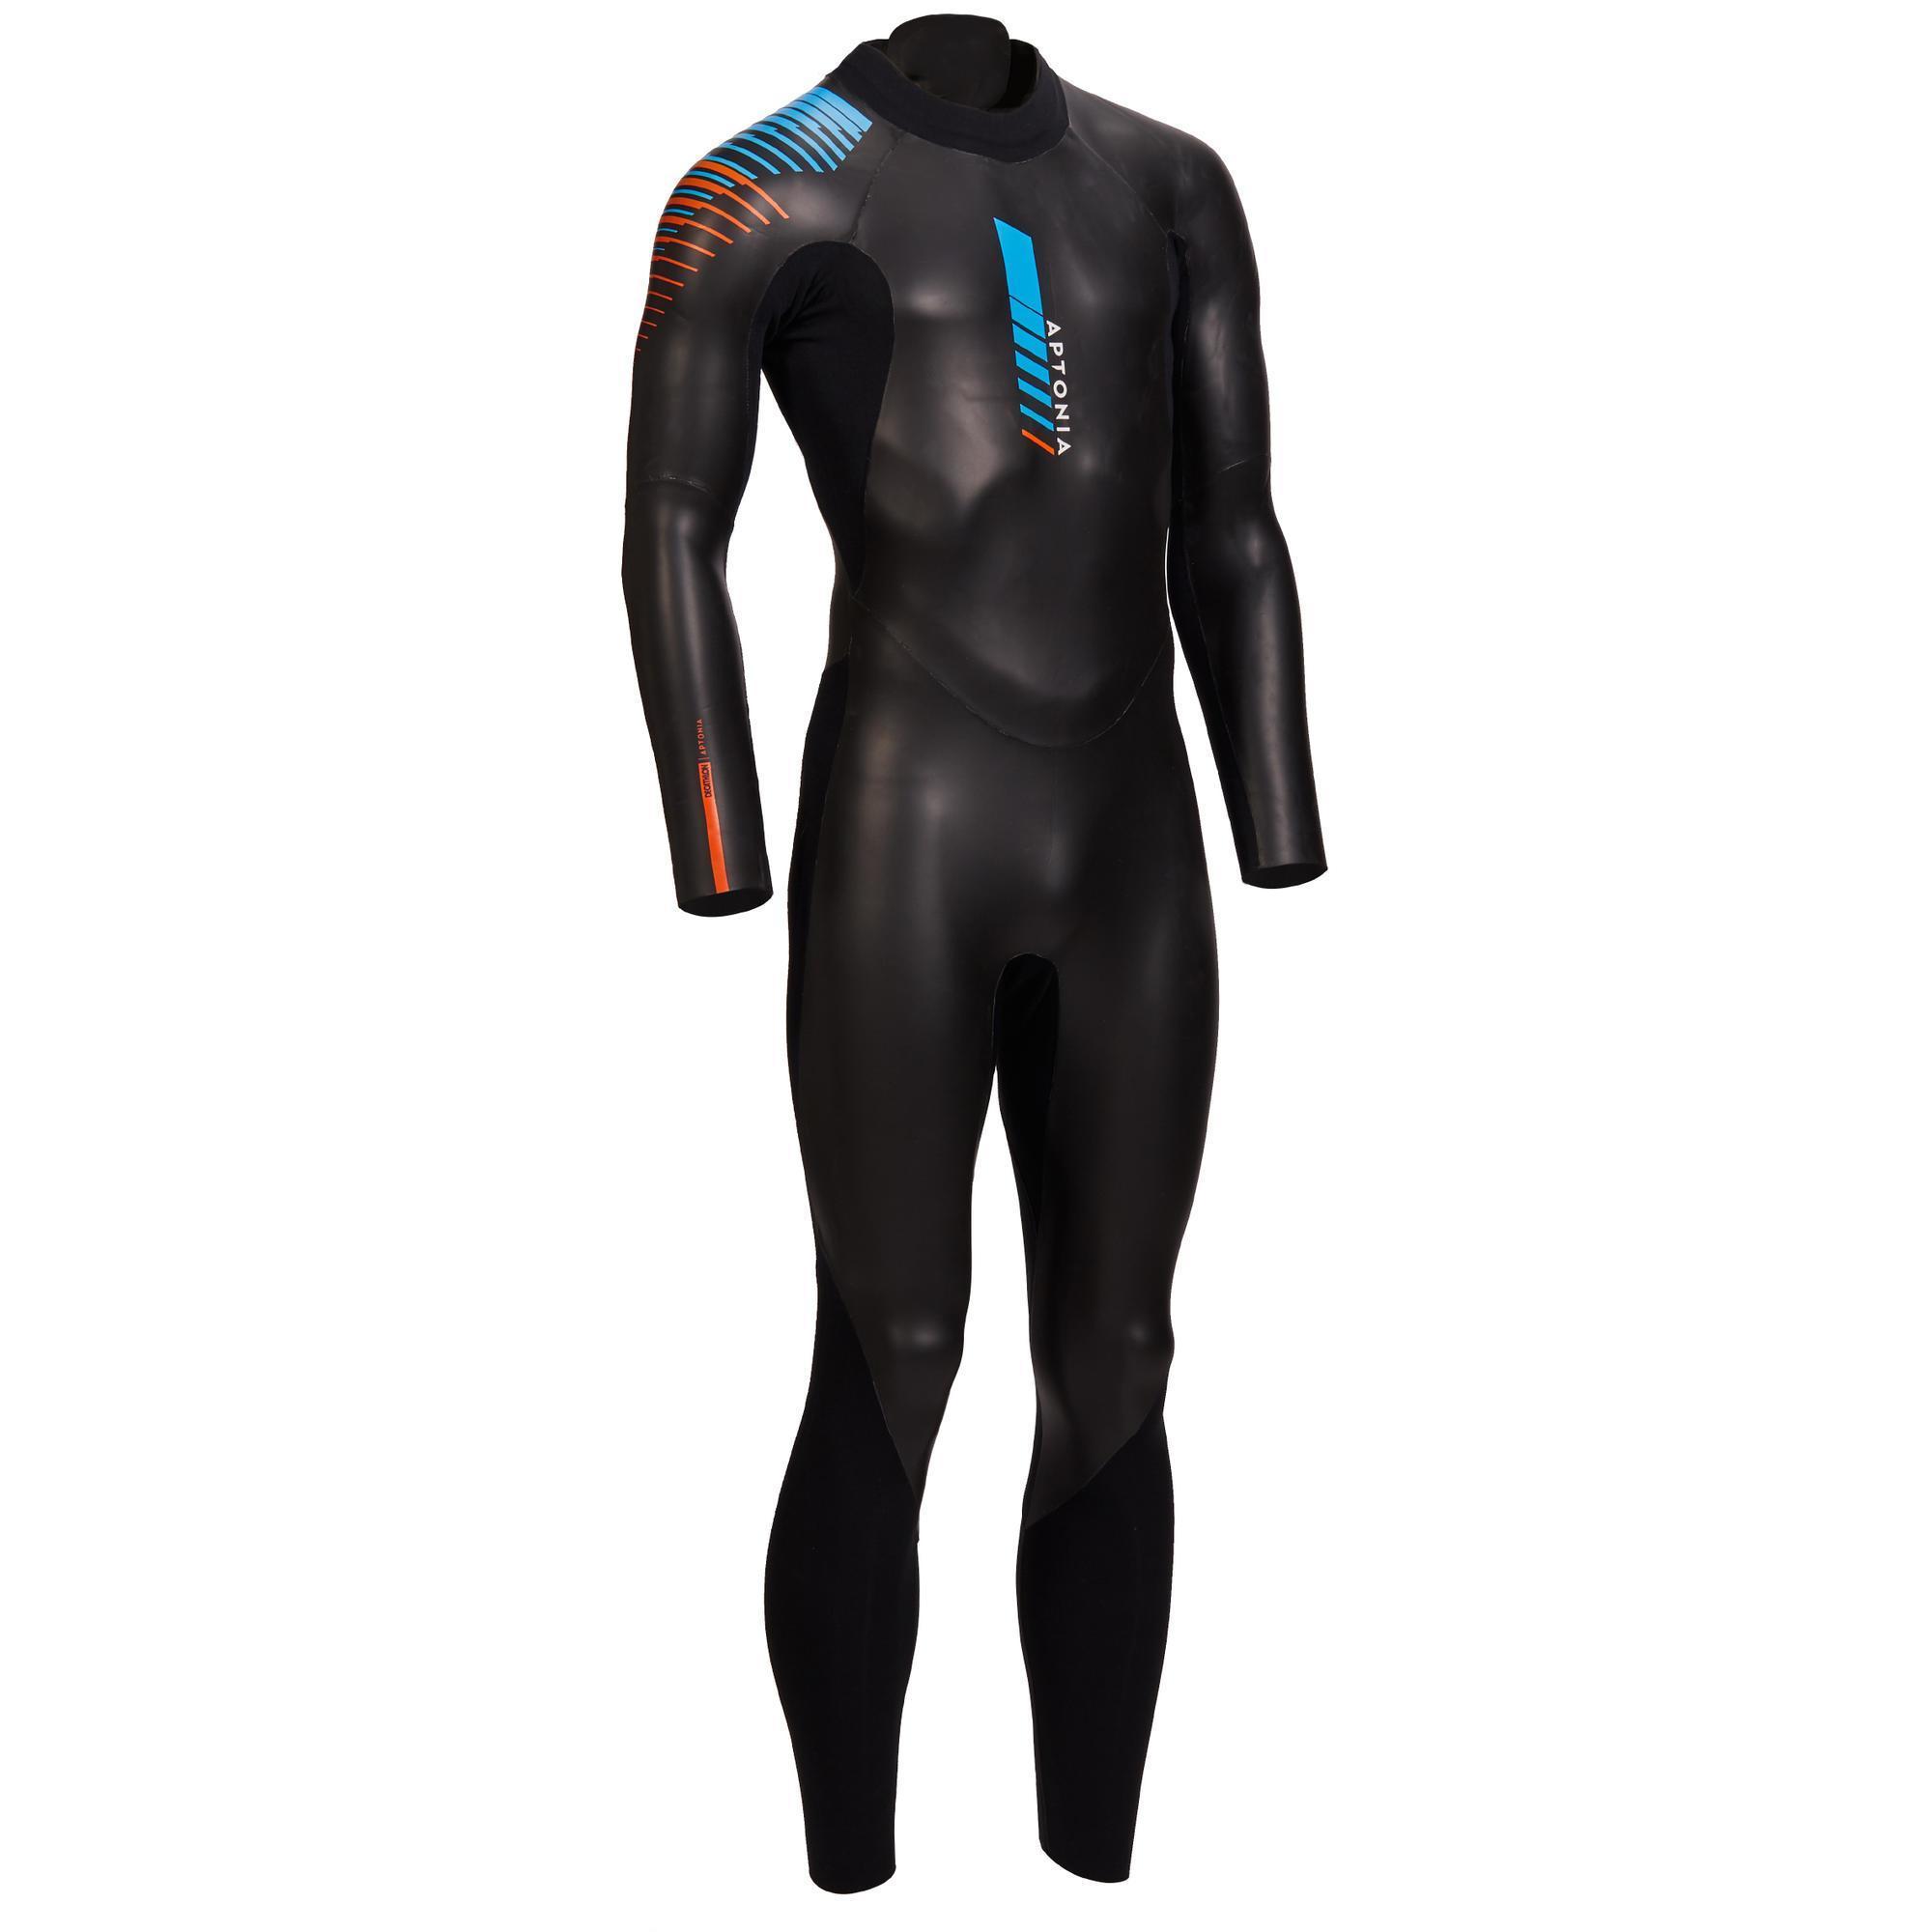 Neoprenanzug Triathlon SD 4/2 mm Herren | Sportbekleidung > Sportanzüge > Sonstige Sportanzüge | Aptonia